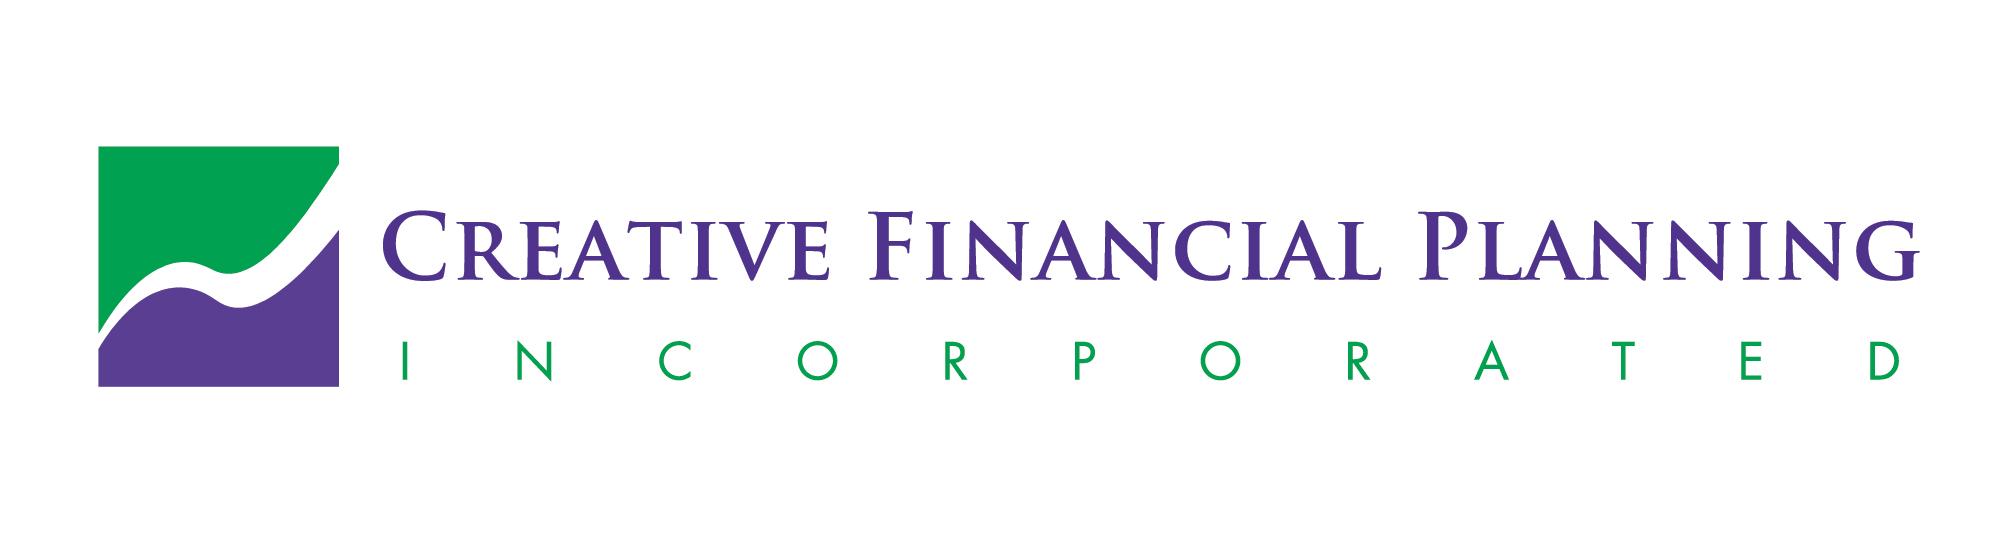 CFP_Logo_Hi_Res